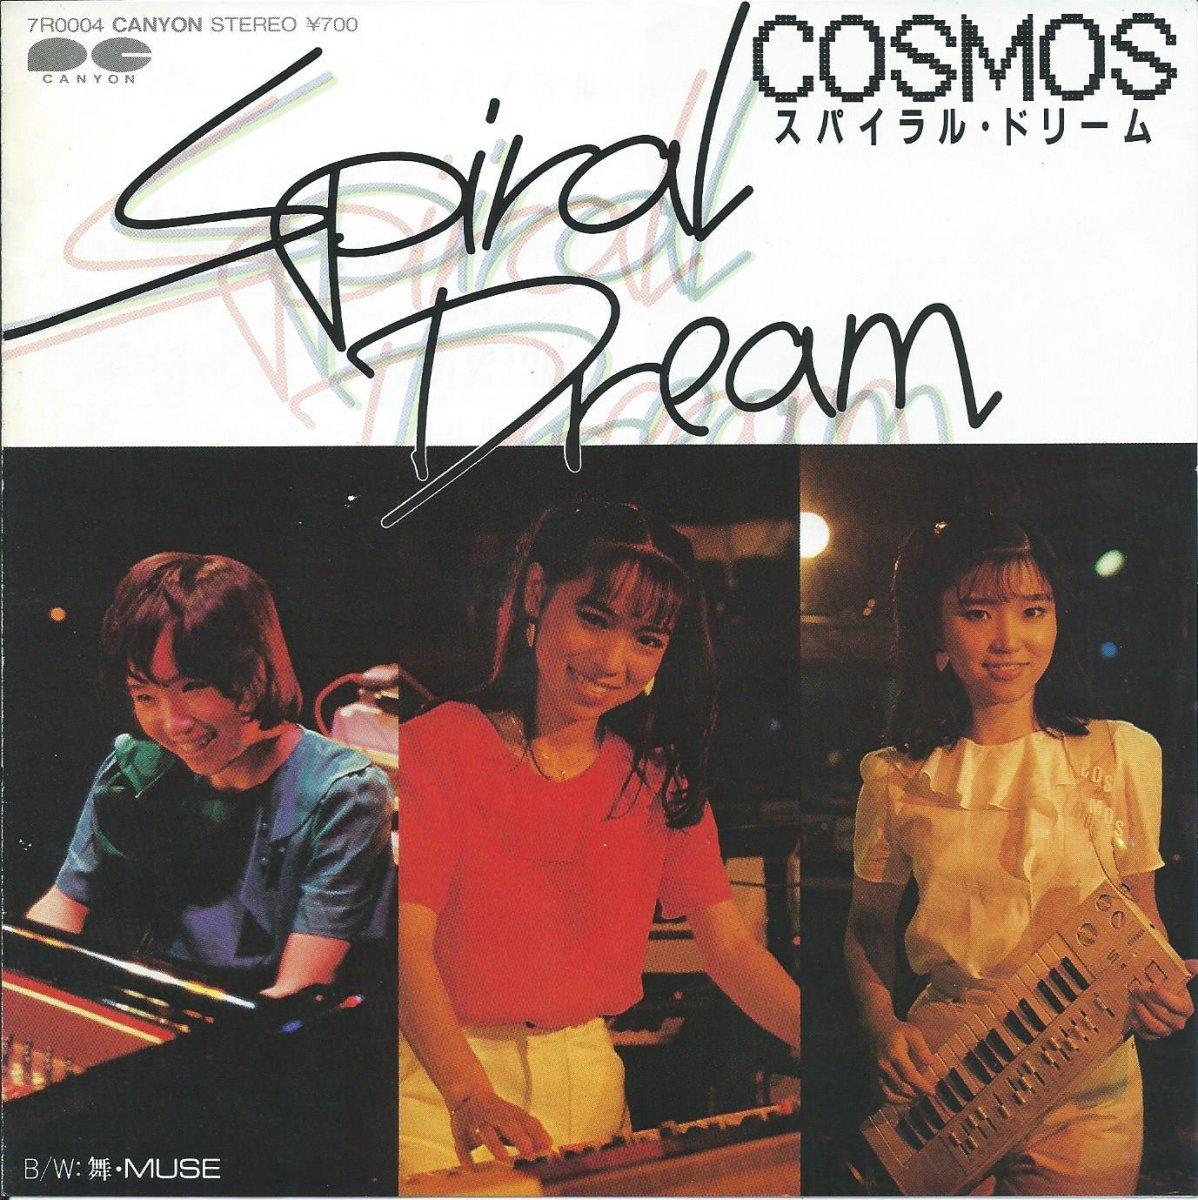 コスモス COSMOS (土居慶子) / スパイラル・ドリーム SPIRAL DREAM (7